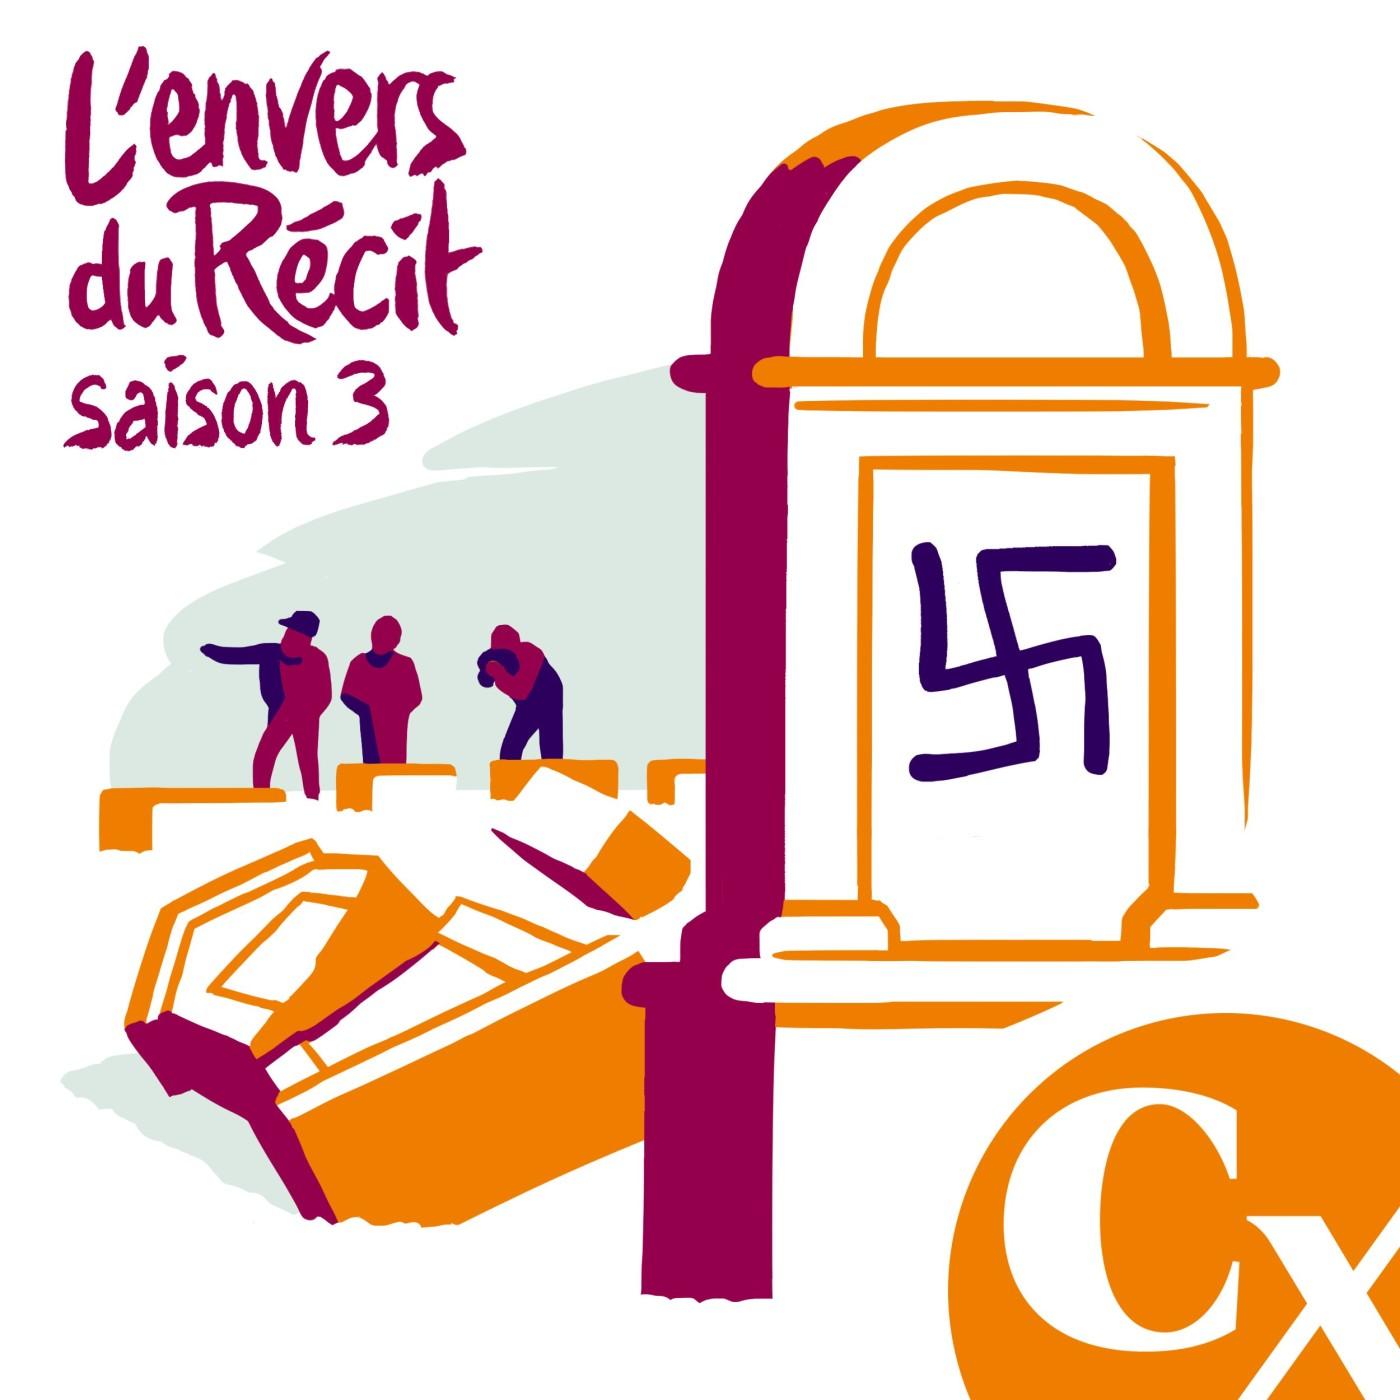 Antisémitisme au XXIe siècle, pourquoi est-ce encore possible? - Clémence Houdaille et Bernard Gorce - S3E7